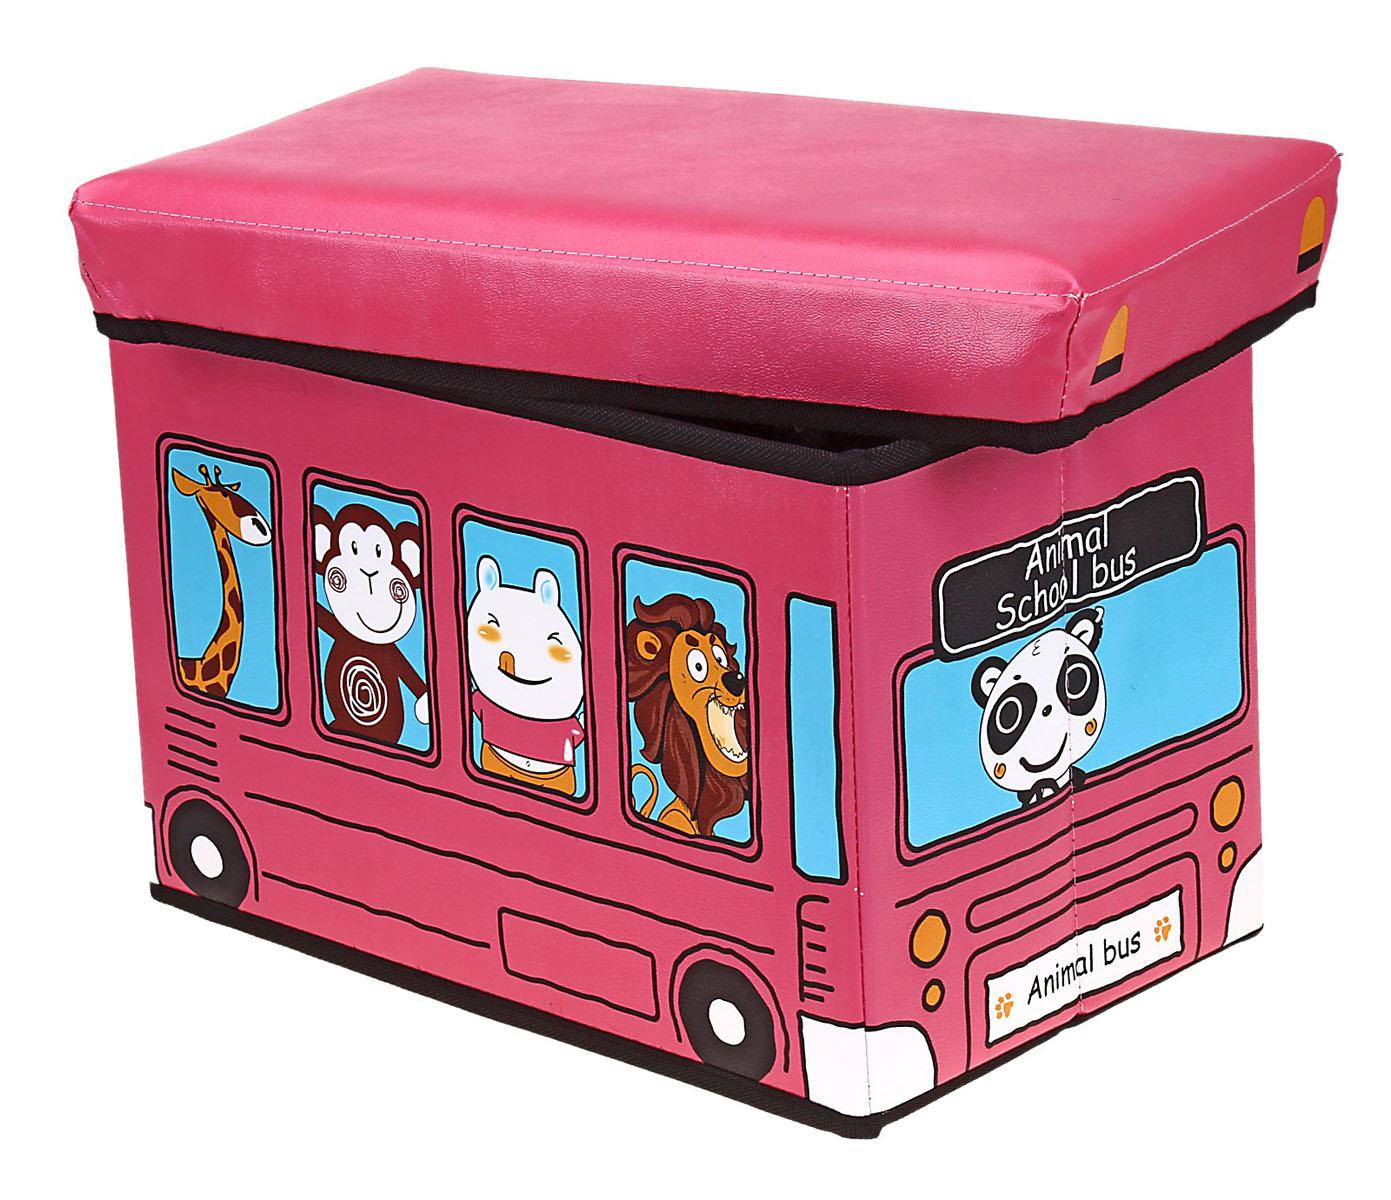 Коробка для хранения Sima-land Автобус с животными, цвет: розовый, 40 см х 25 см х 25 см648345Коробка для хранения Sima-land Автобус с животными изготовлена из искусственной кожи и картона. Коробка имеет съемную, мягкую крышку. Материал коробки позволяет сохранять естественную вентиляцию, а воздуху свободно проникать внутрь, не пропуская пыль. Благодаря специальным вставкам, коробка прекрасно держит форму, что позволяет ее использовать как дополнительное посадочное место для ребенка. Эстетичный дизайн коробки понравиться вашему ребенку. Компактные габариты коробки не загромождают помещение. Коробку можно хранить в обычном шкафу. Внутренняя емкость позволяет хранить внутри игрушки, книжки и прочие предметы. Мобильность конструкции обеспечивает складывание и раскладывание одним движением. Коробка Sima-land Автобус с животными поможет хранить игрушки все в одном месте, а также защитить их от пыли, грязи и влаги. Размер коробки: 40 см х 25 см х 25 см.